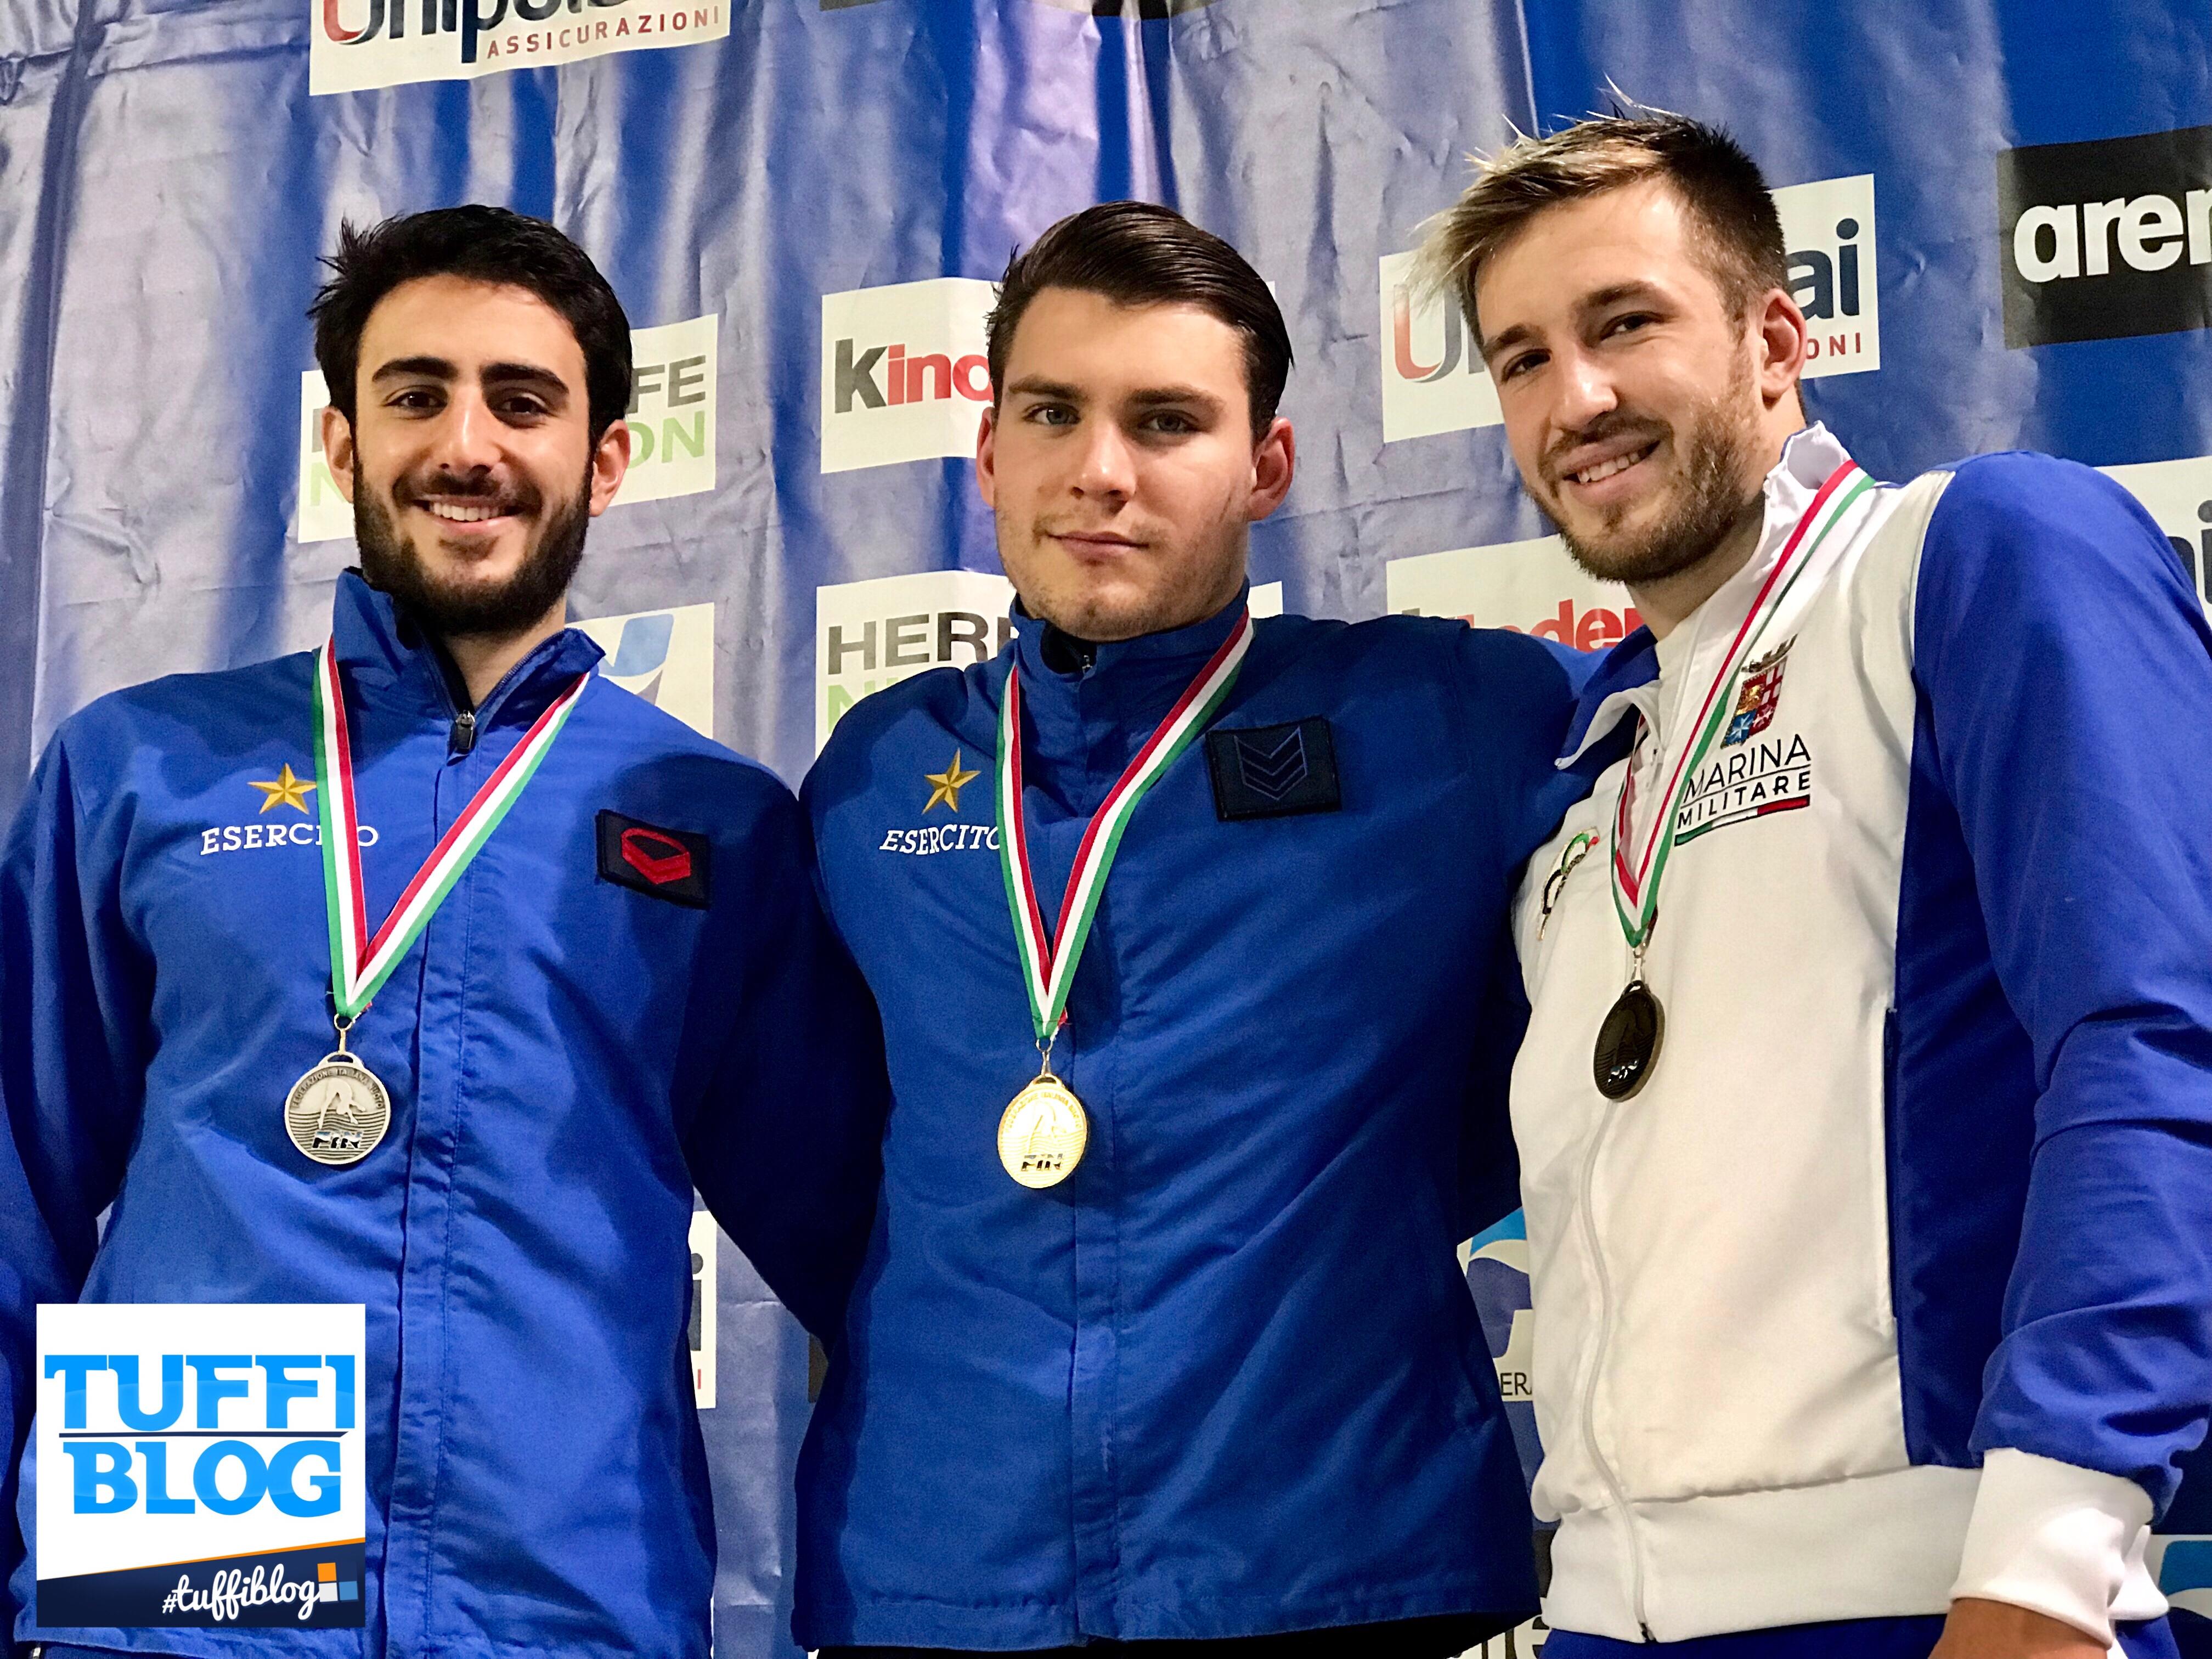 Campionati di Categoria Indoor: Trieste - Bilotta, Cristofori e Volpe in cima al podio.